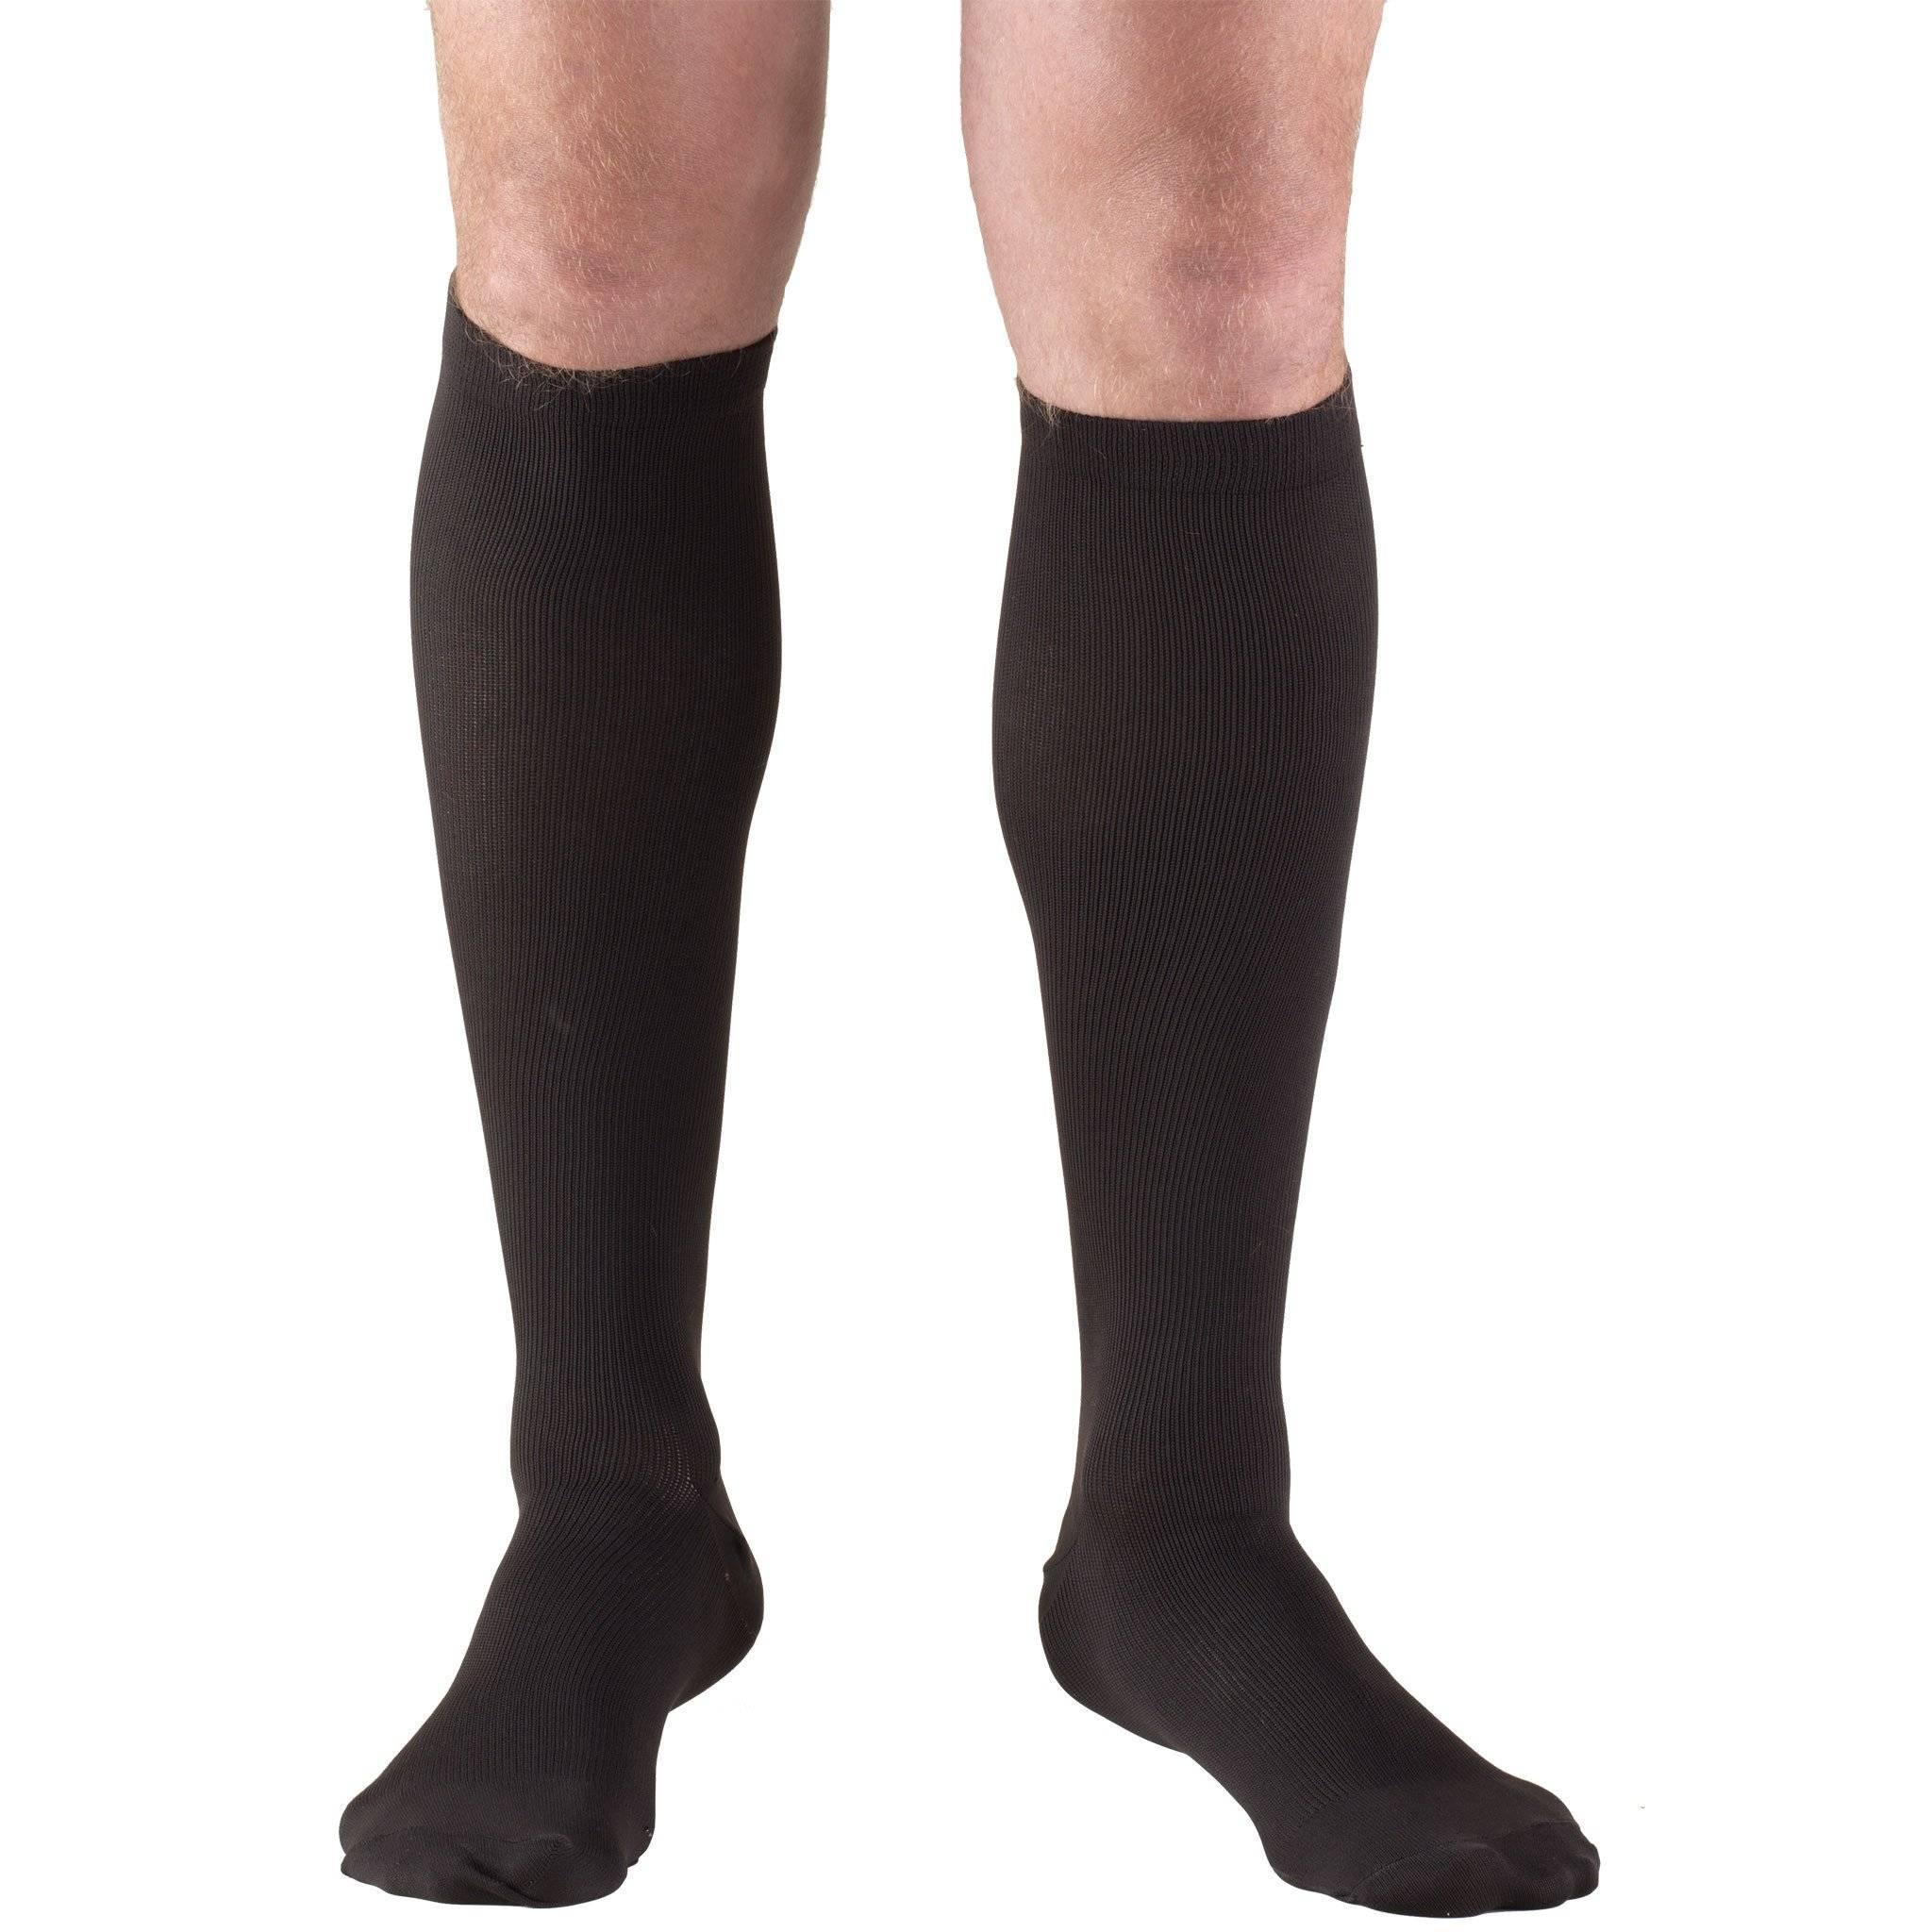 Men's Knee High Socks Dress Socks